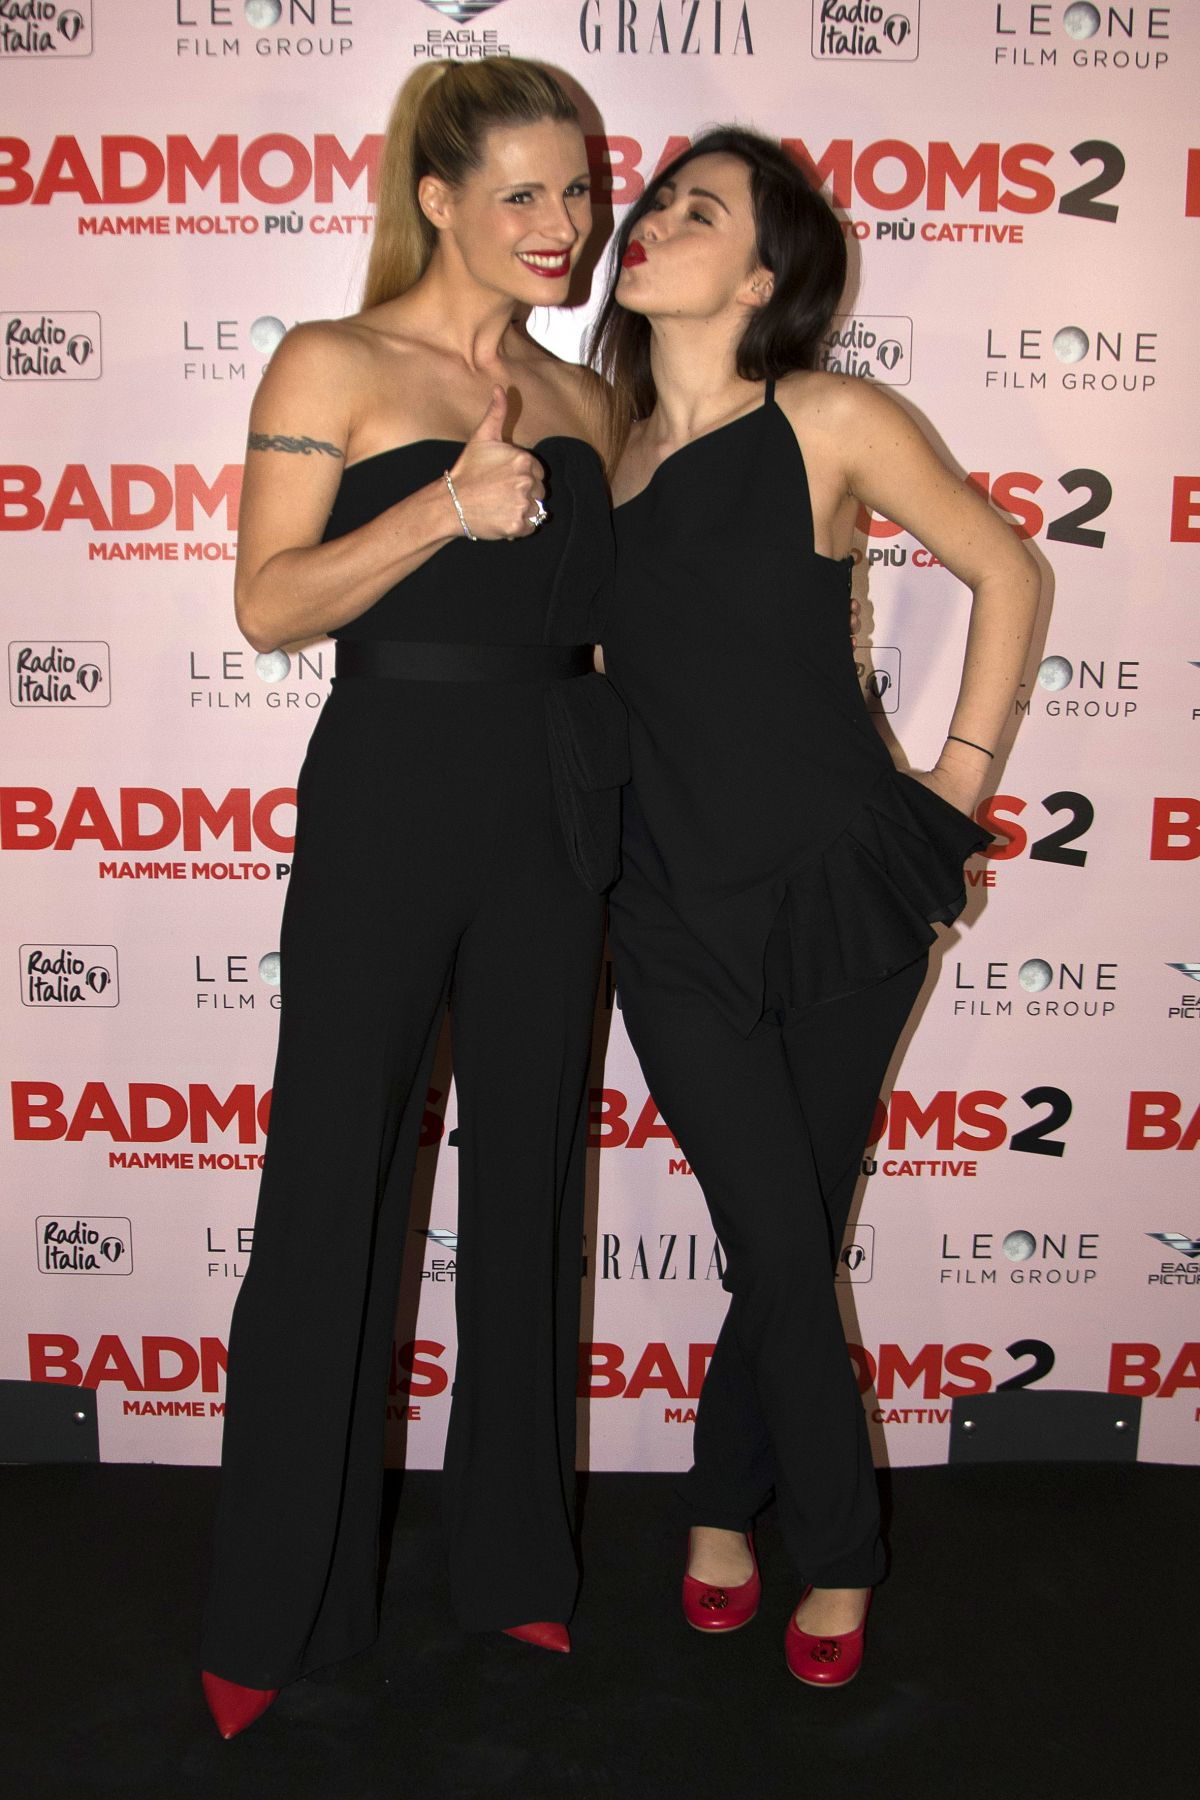 Michelle Hunziker And Aurora Ramazzotti At Bad Moms 2 Premiere In